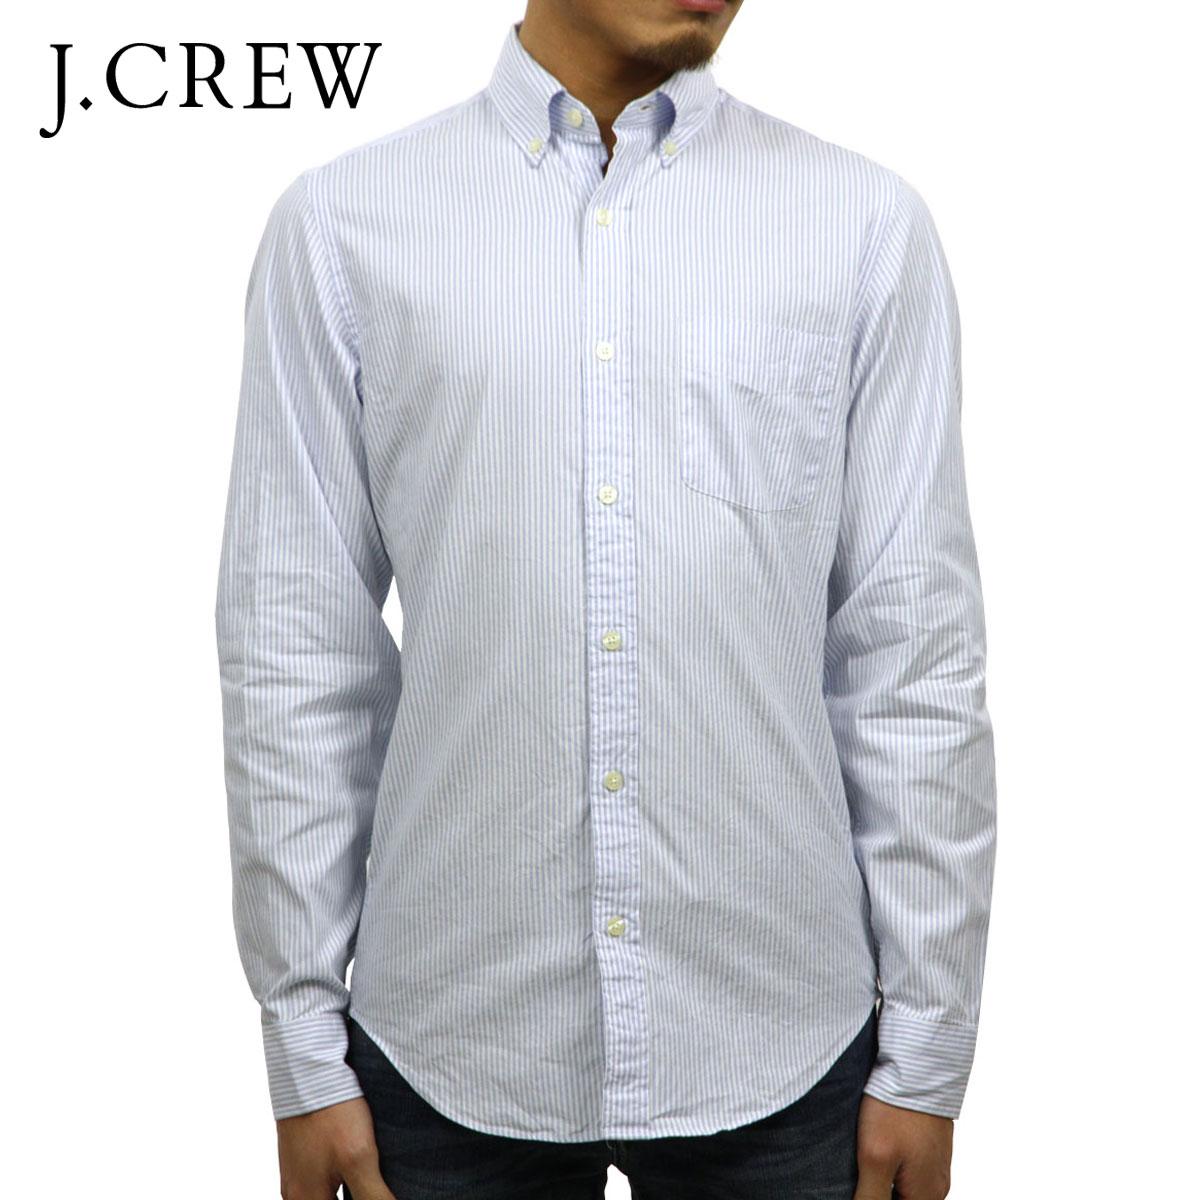 ジェイクルー J.CREW 正規品 メンズ 長袖ボタンダウンシャツ SUNWASHED OXFORD SHIRT IN STRIPE WHITE-BLUE D20S30